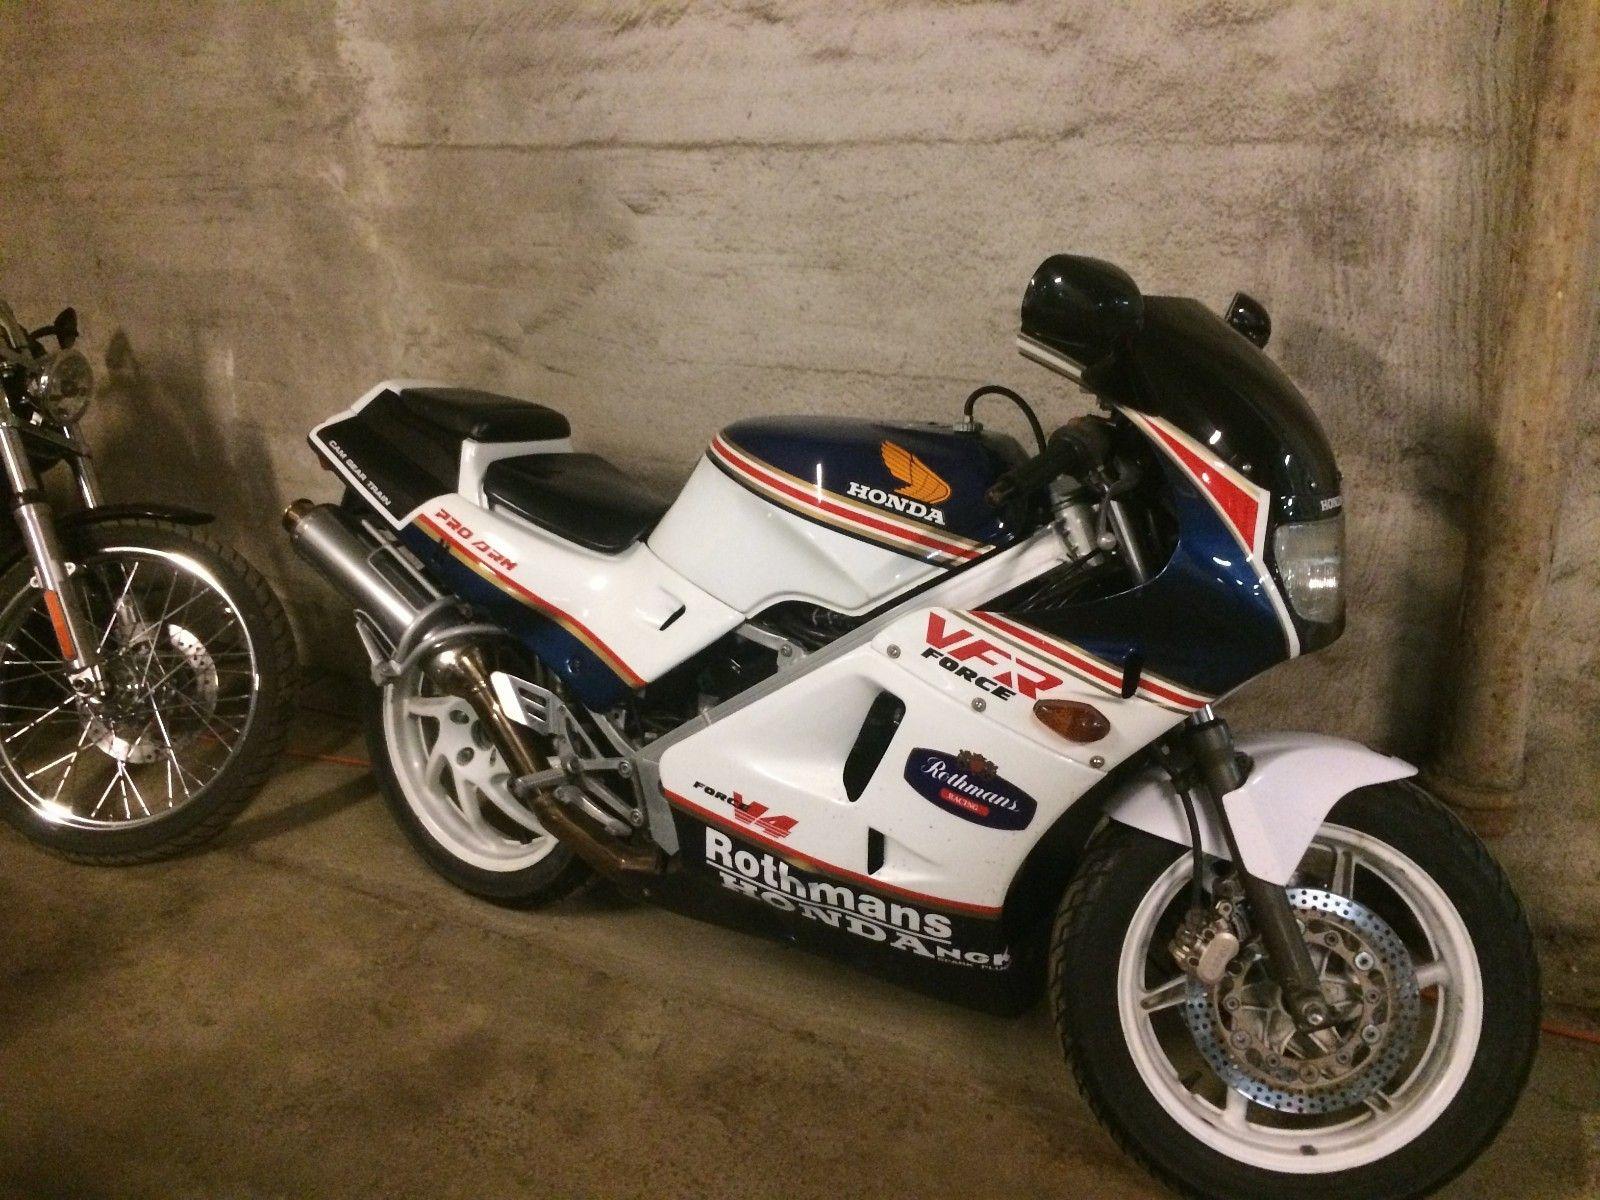 FINN – Honda VFR 400 R Rothmans